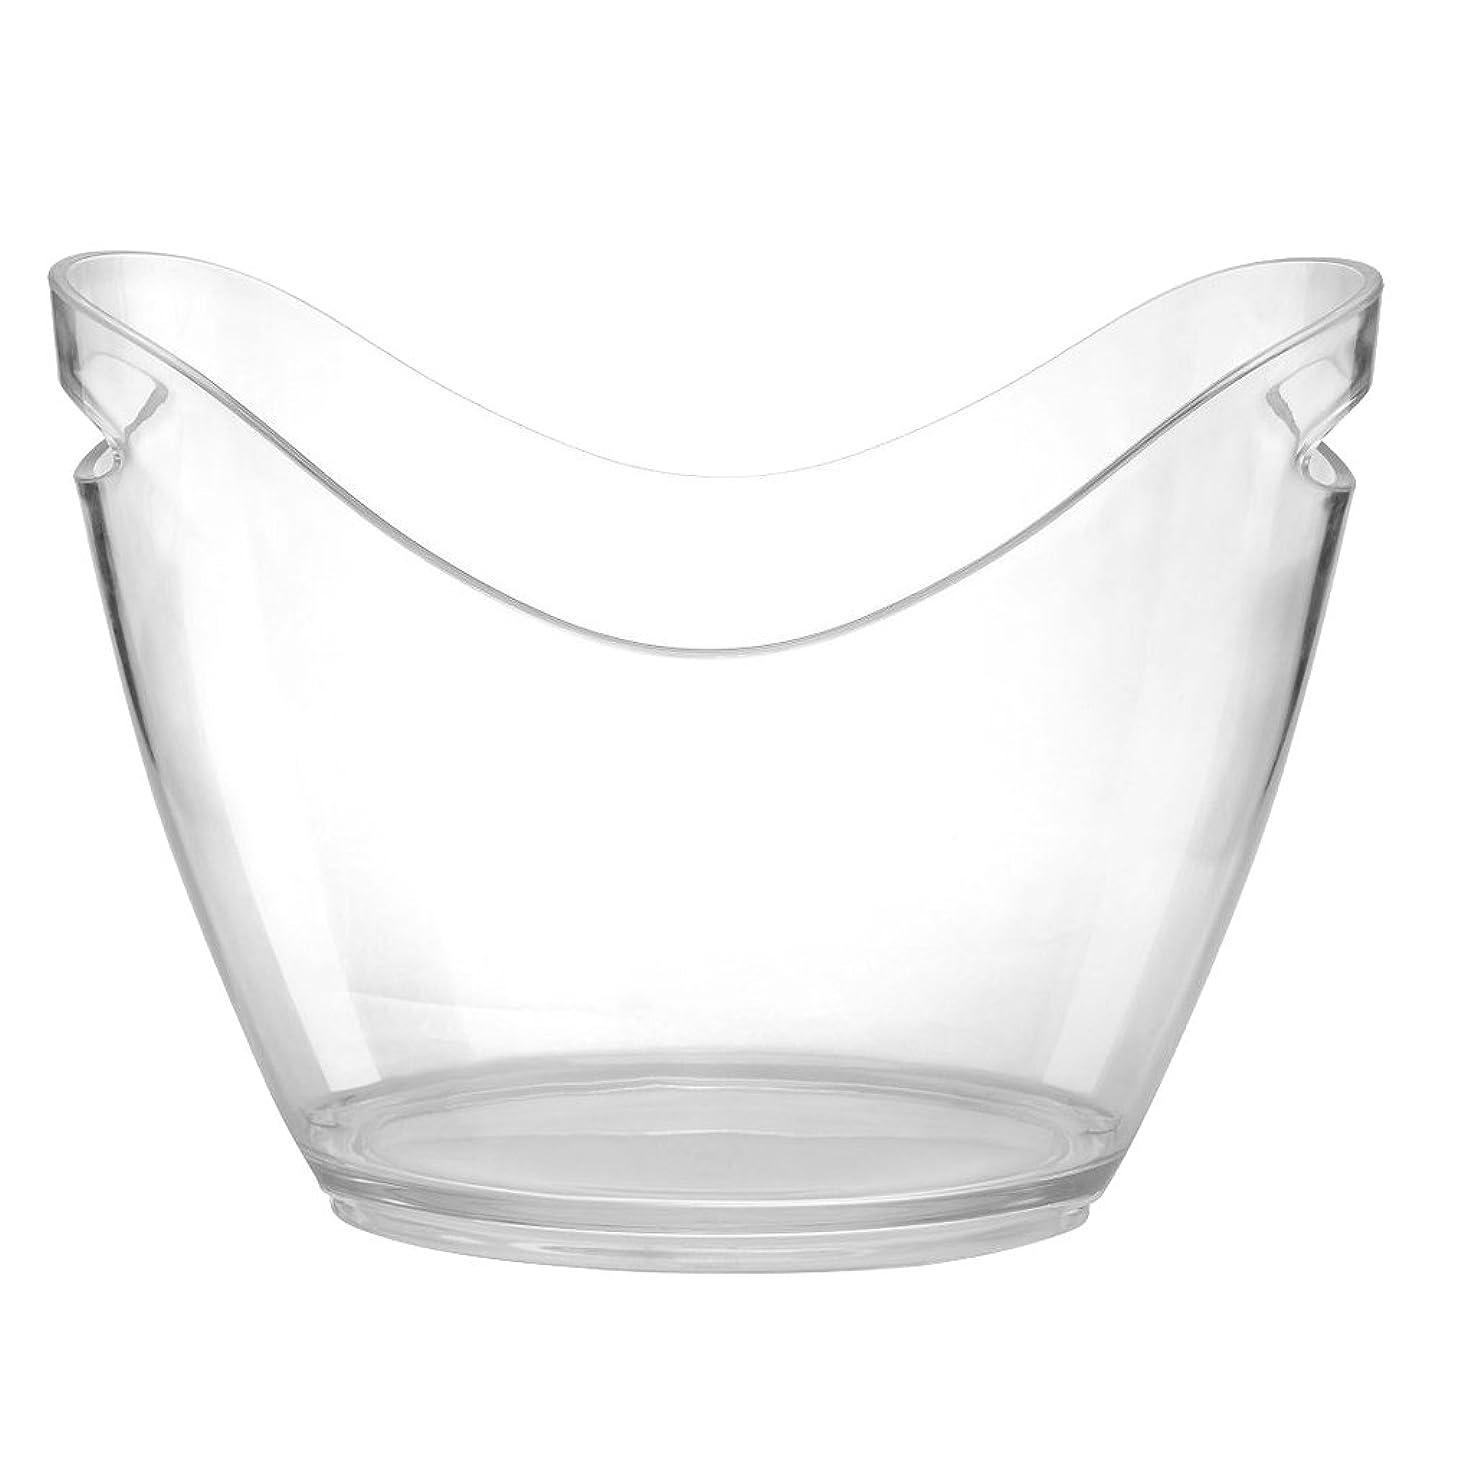 実際の繁栄ラップ透明 プラスチック 氷バケツ ワイン シャンパン ボトル 氷クーラー バー 装飾 全2サイズ - 4L